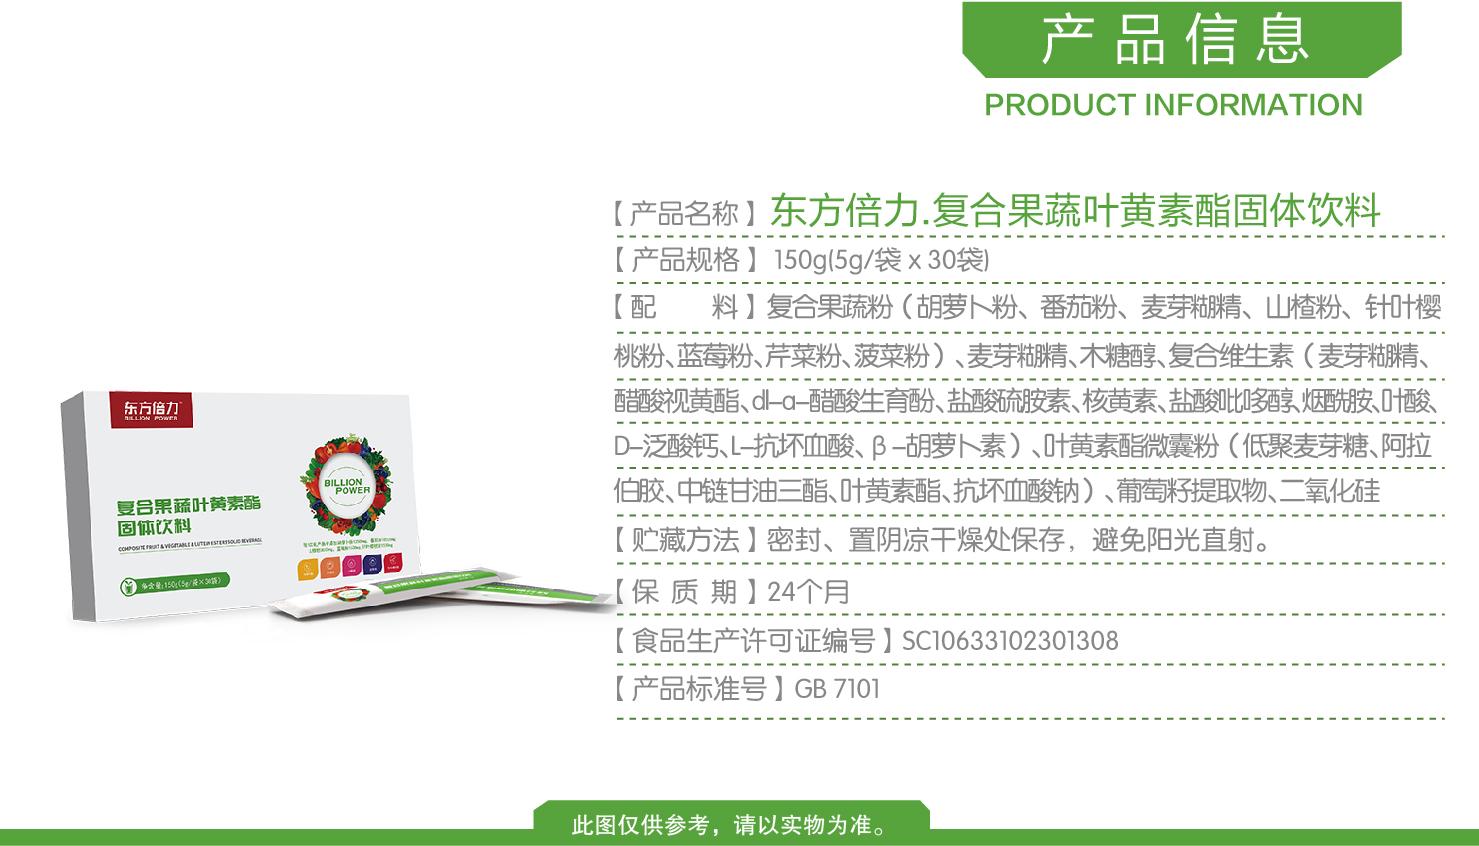 网站产品图-09